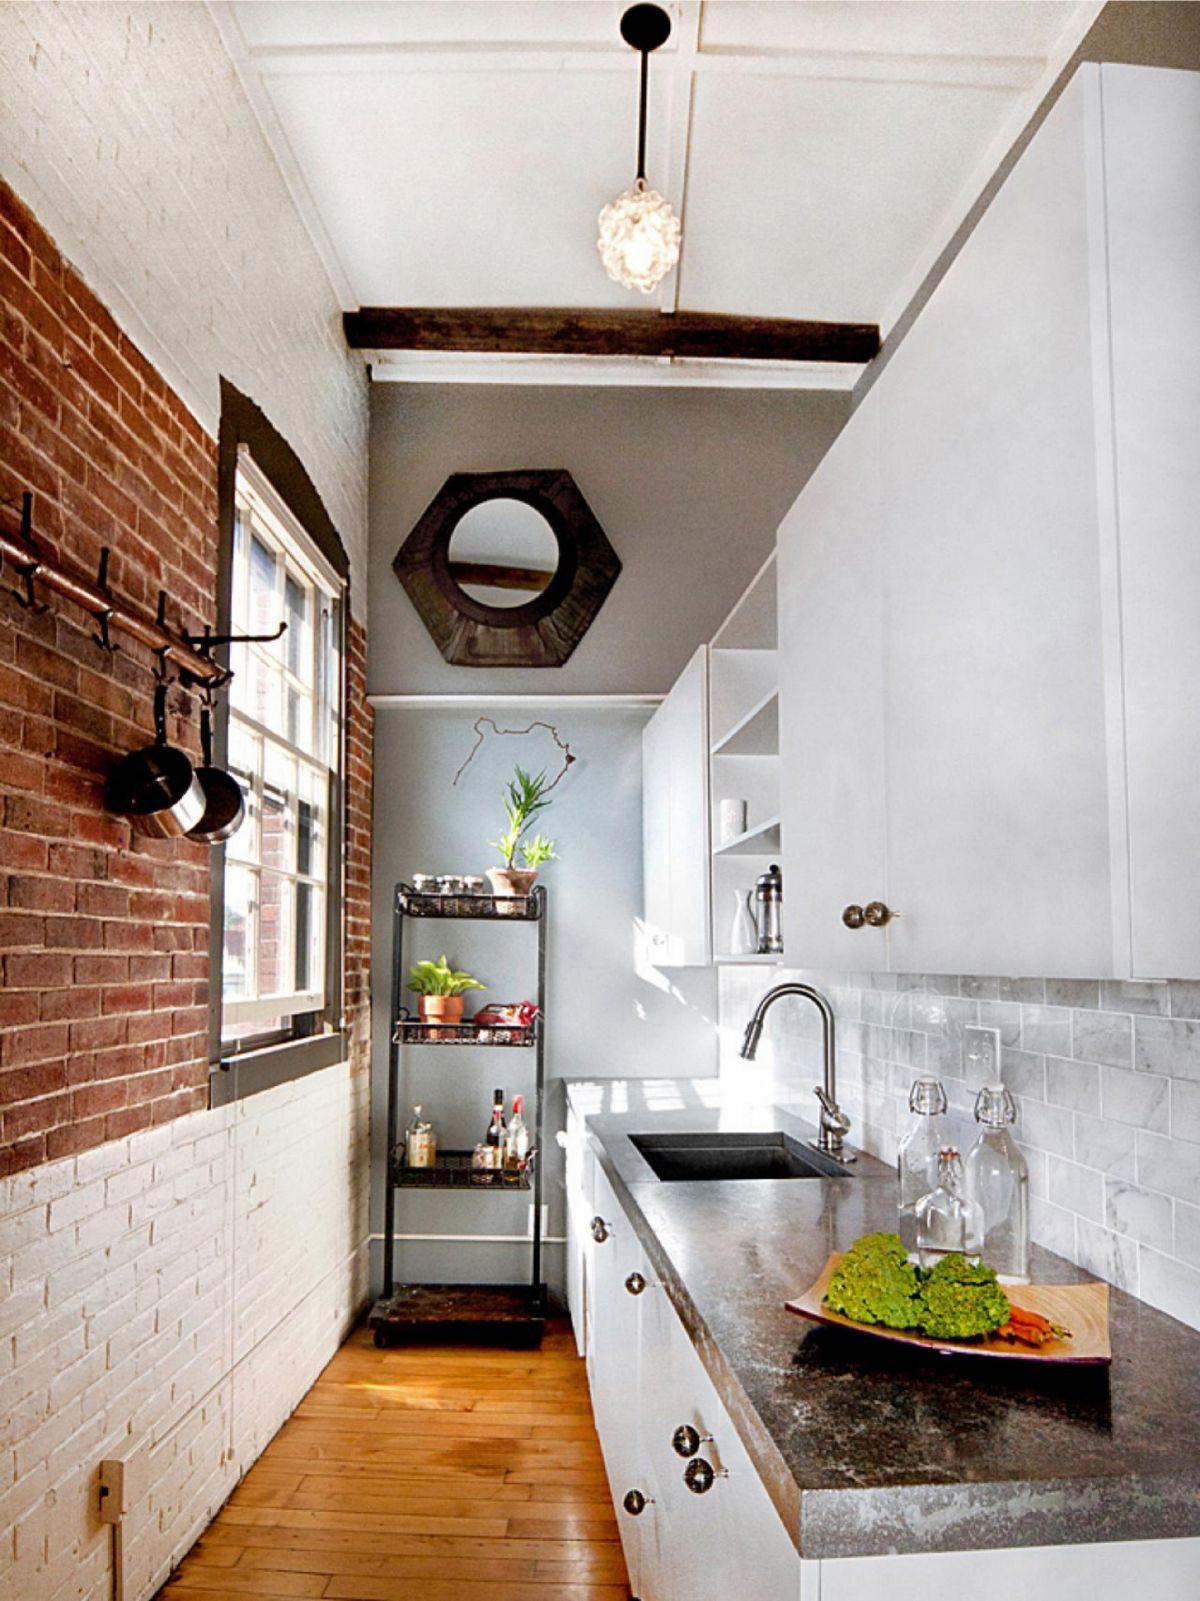 дизайн узкой кухни с кирпичной кладкой